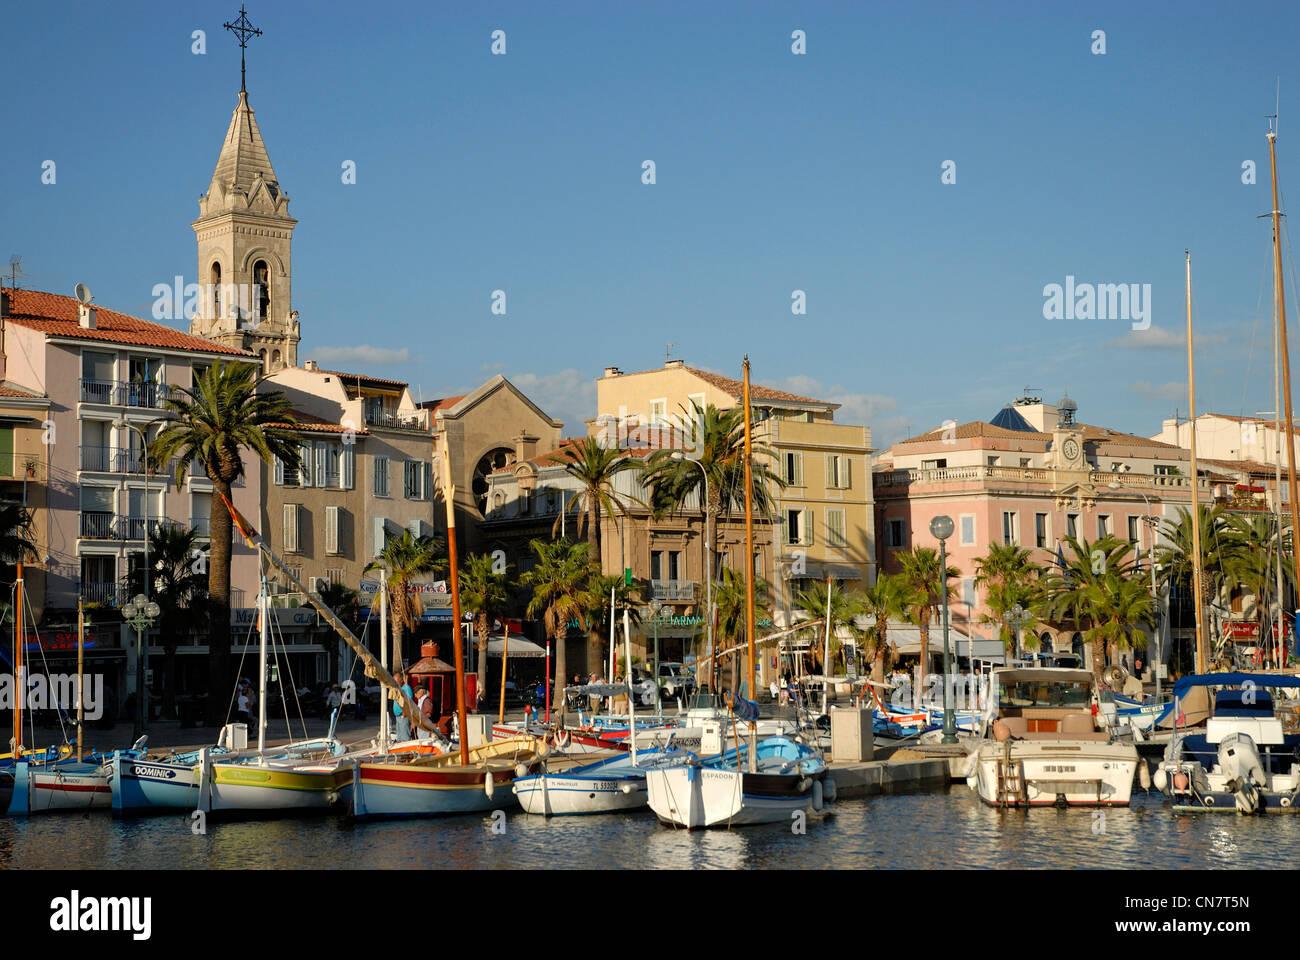 Frankreich, Var, Sanary, Hafen, Netze, anspruchsvolle, traditionelle Fischerboote Stockbild